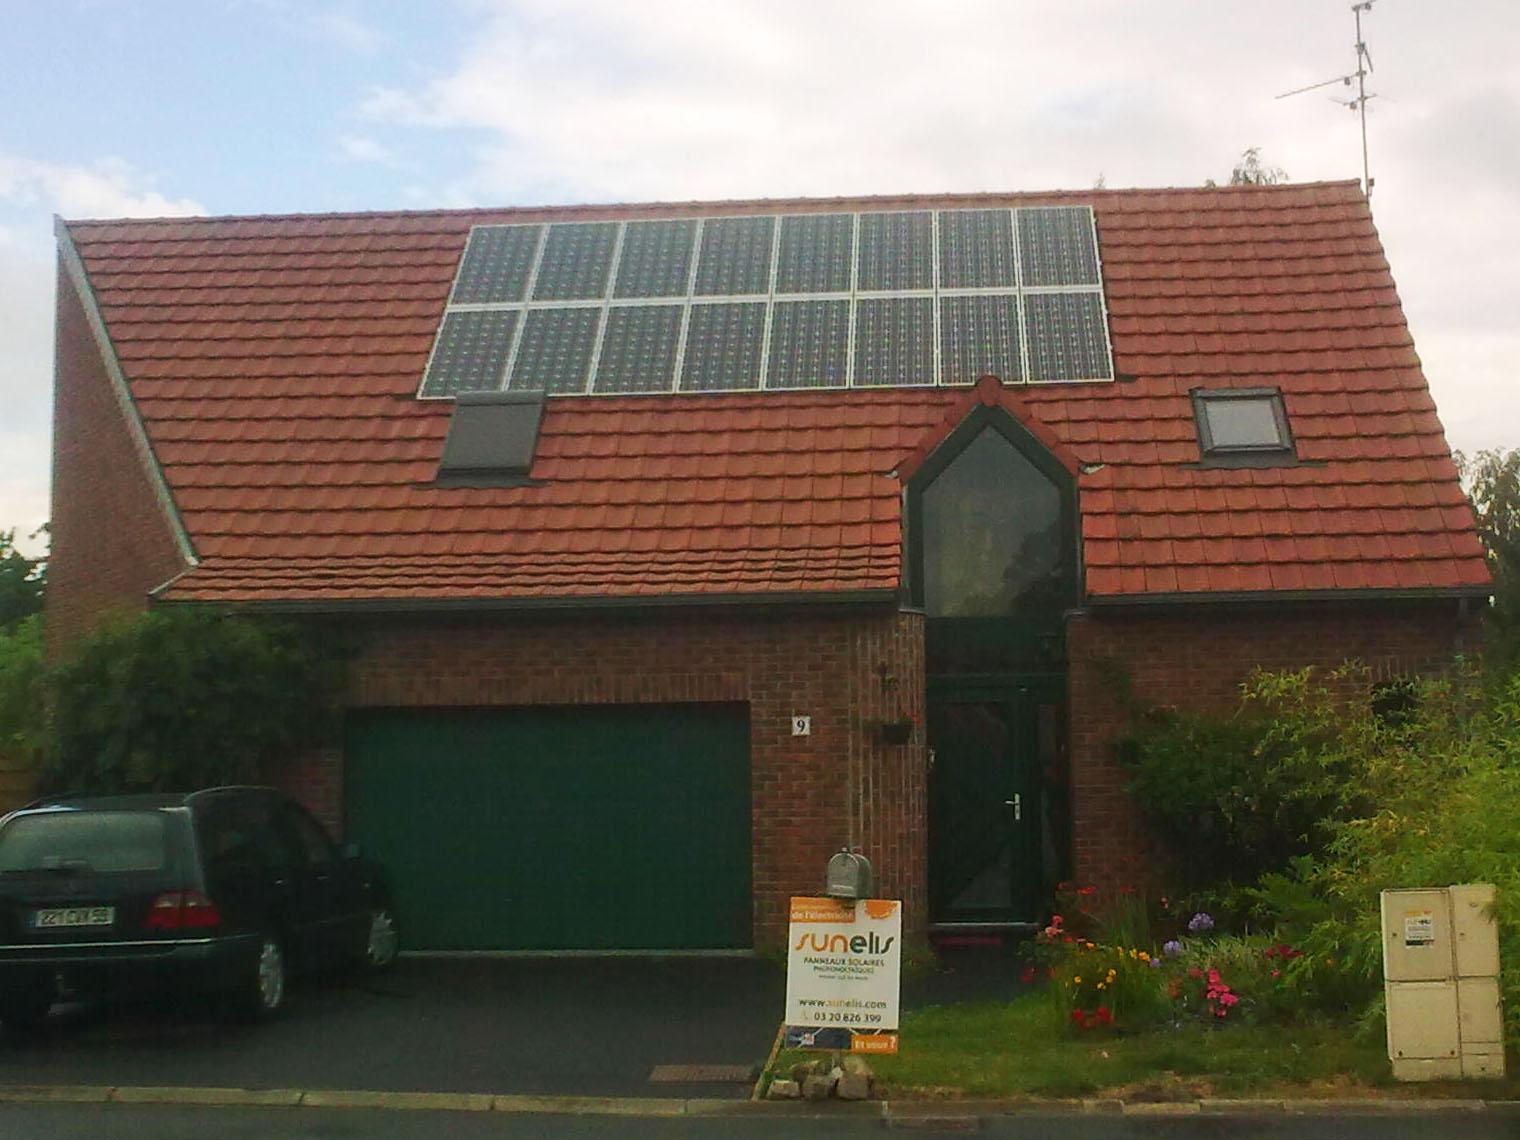 petite foret devis installation panneau solaire photovolta que nord sunelis. Black Bedroom Furniture Sets. Home Design Ideas